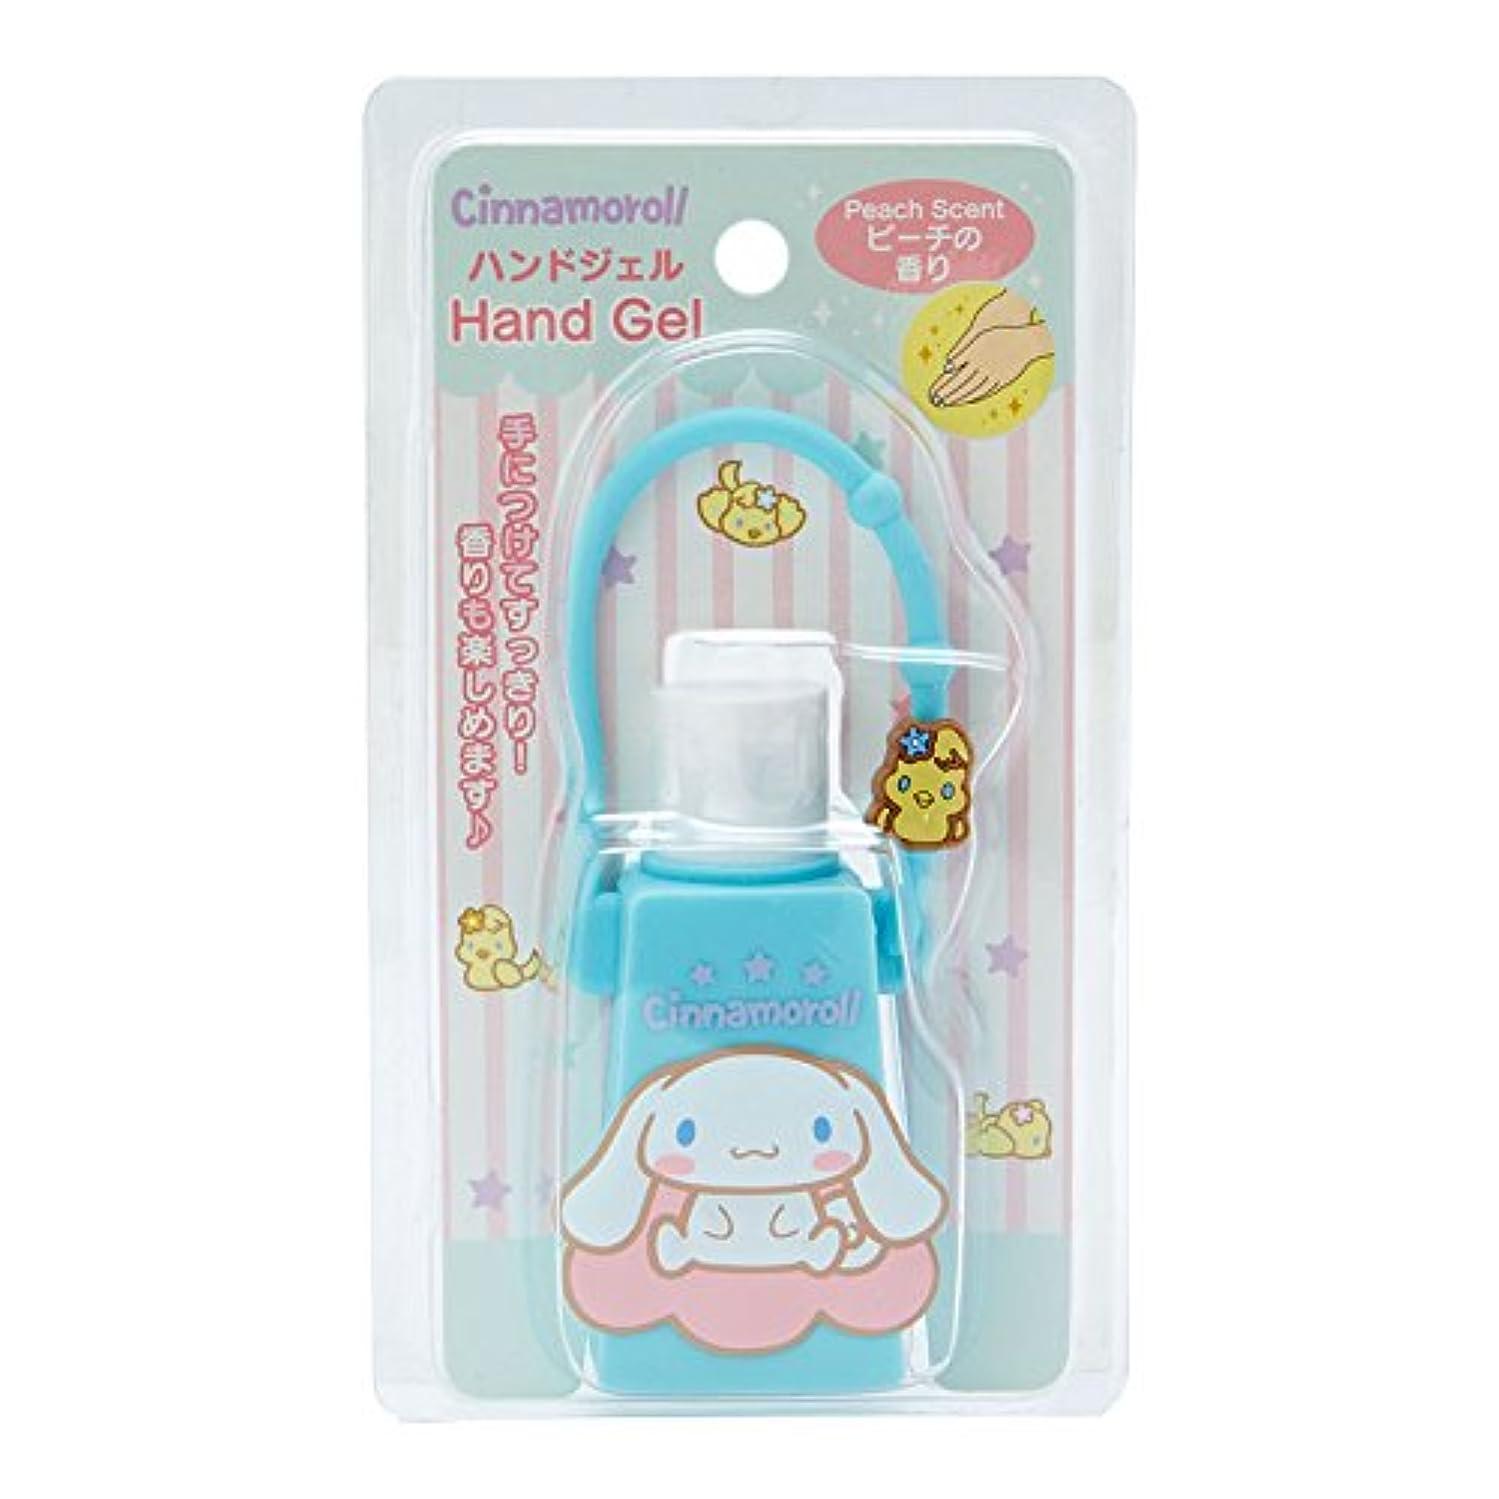 不定基本的な委託シナモロール 携帯ハンドジェル(ピーチの香り)